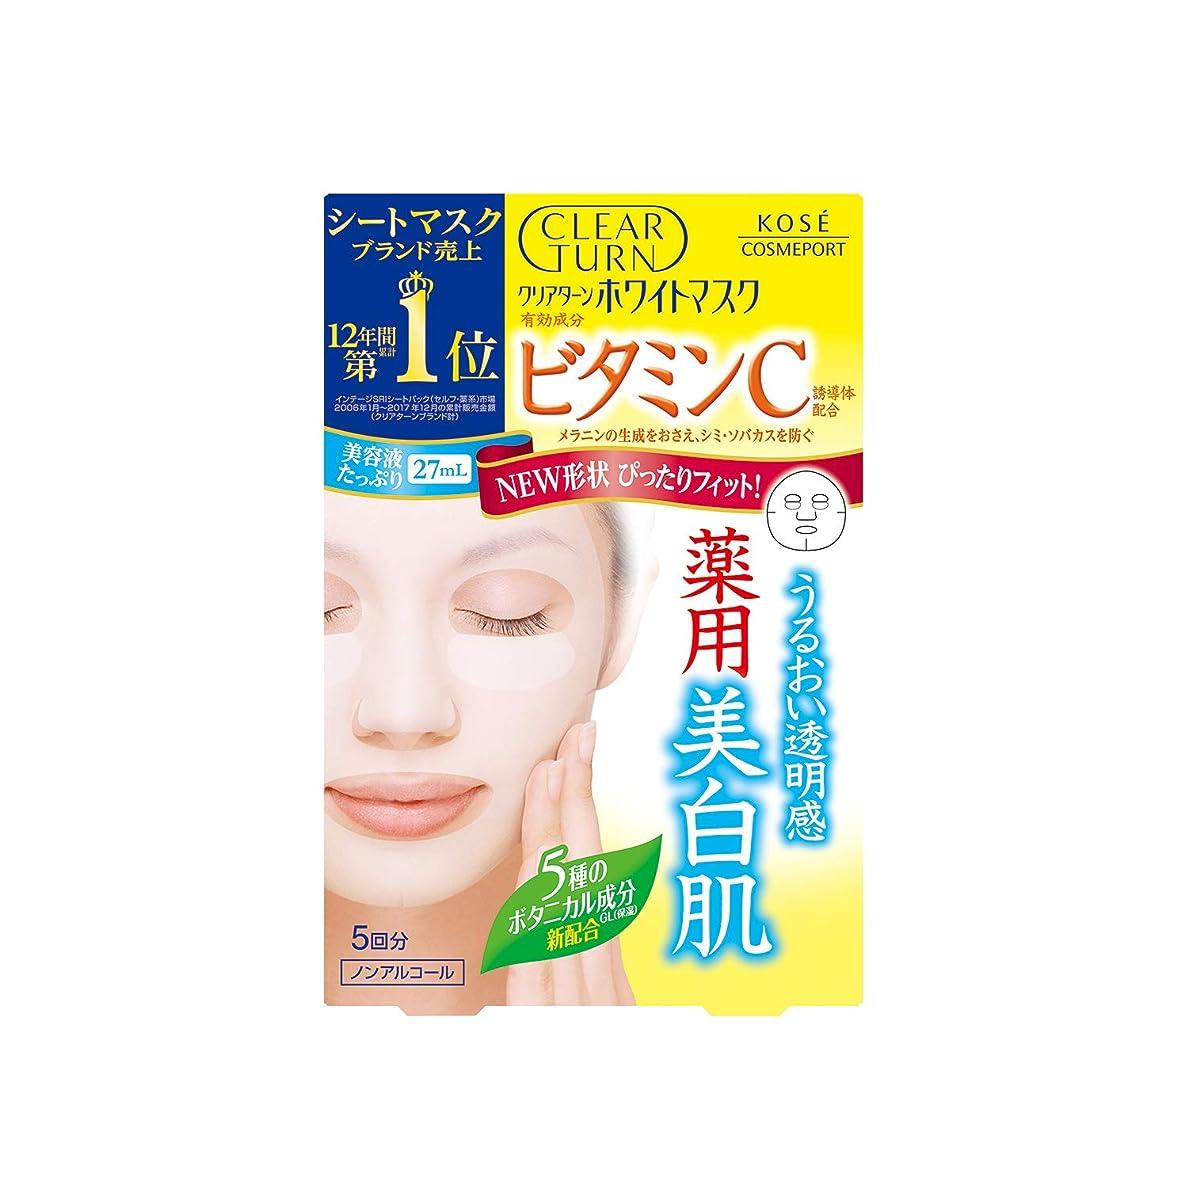 グレードトロピカルレジデンスKOSE クリアターン ホワイト マスク VC c (ビタミンC) 5回分 (22mL×5)